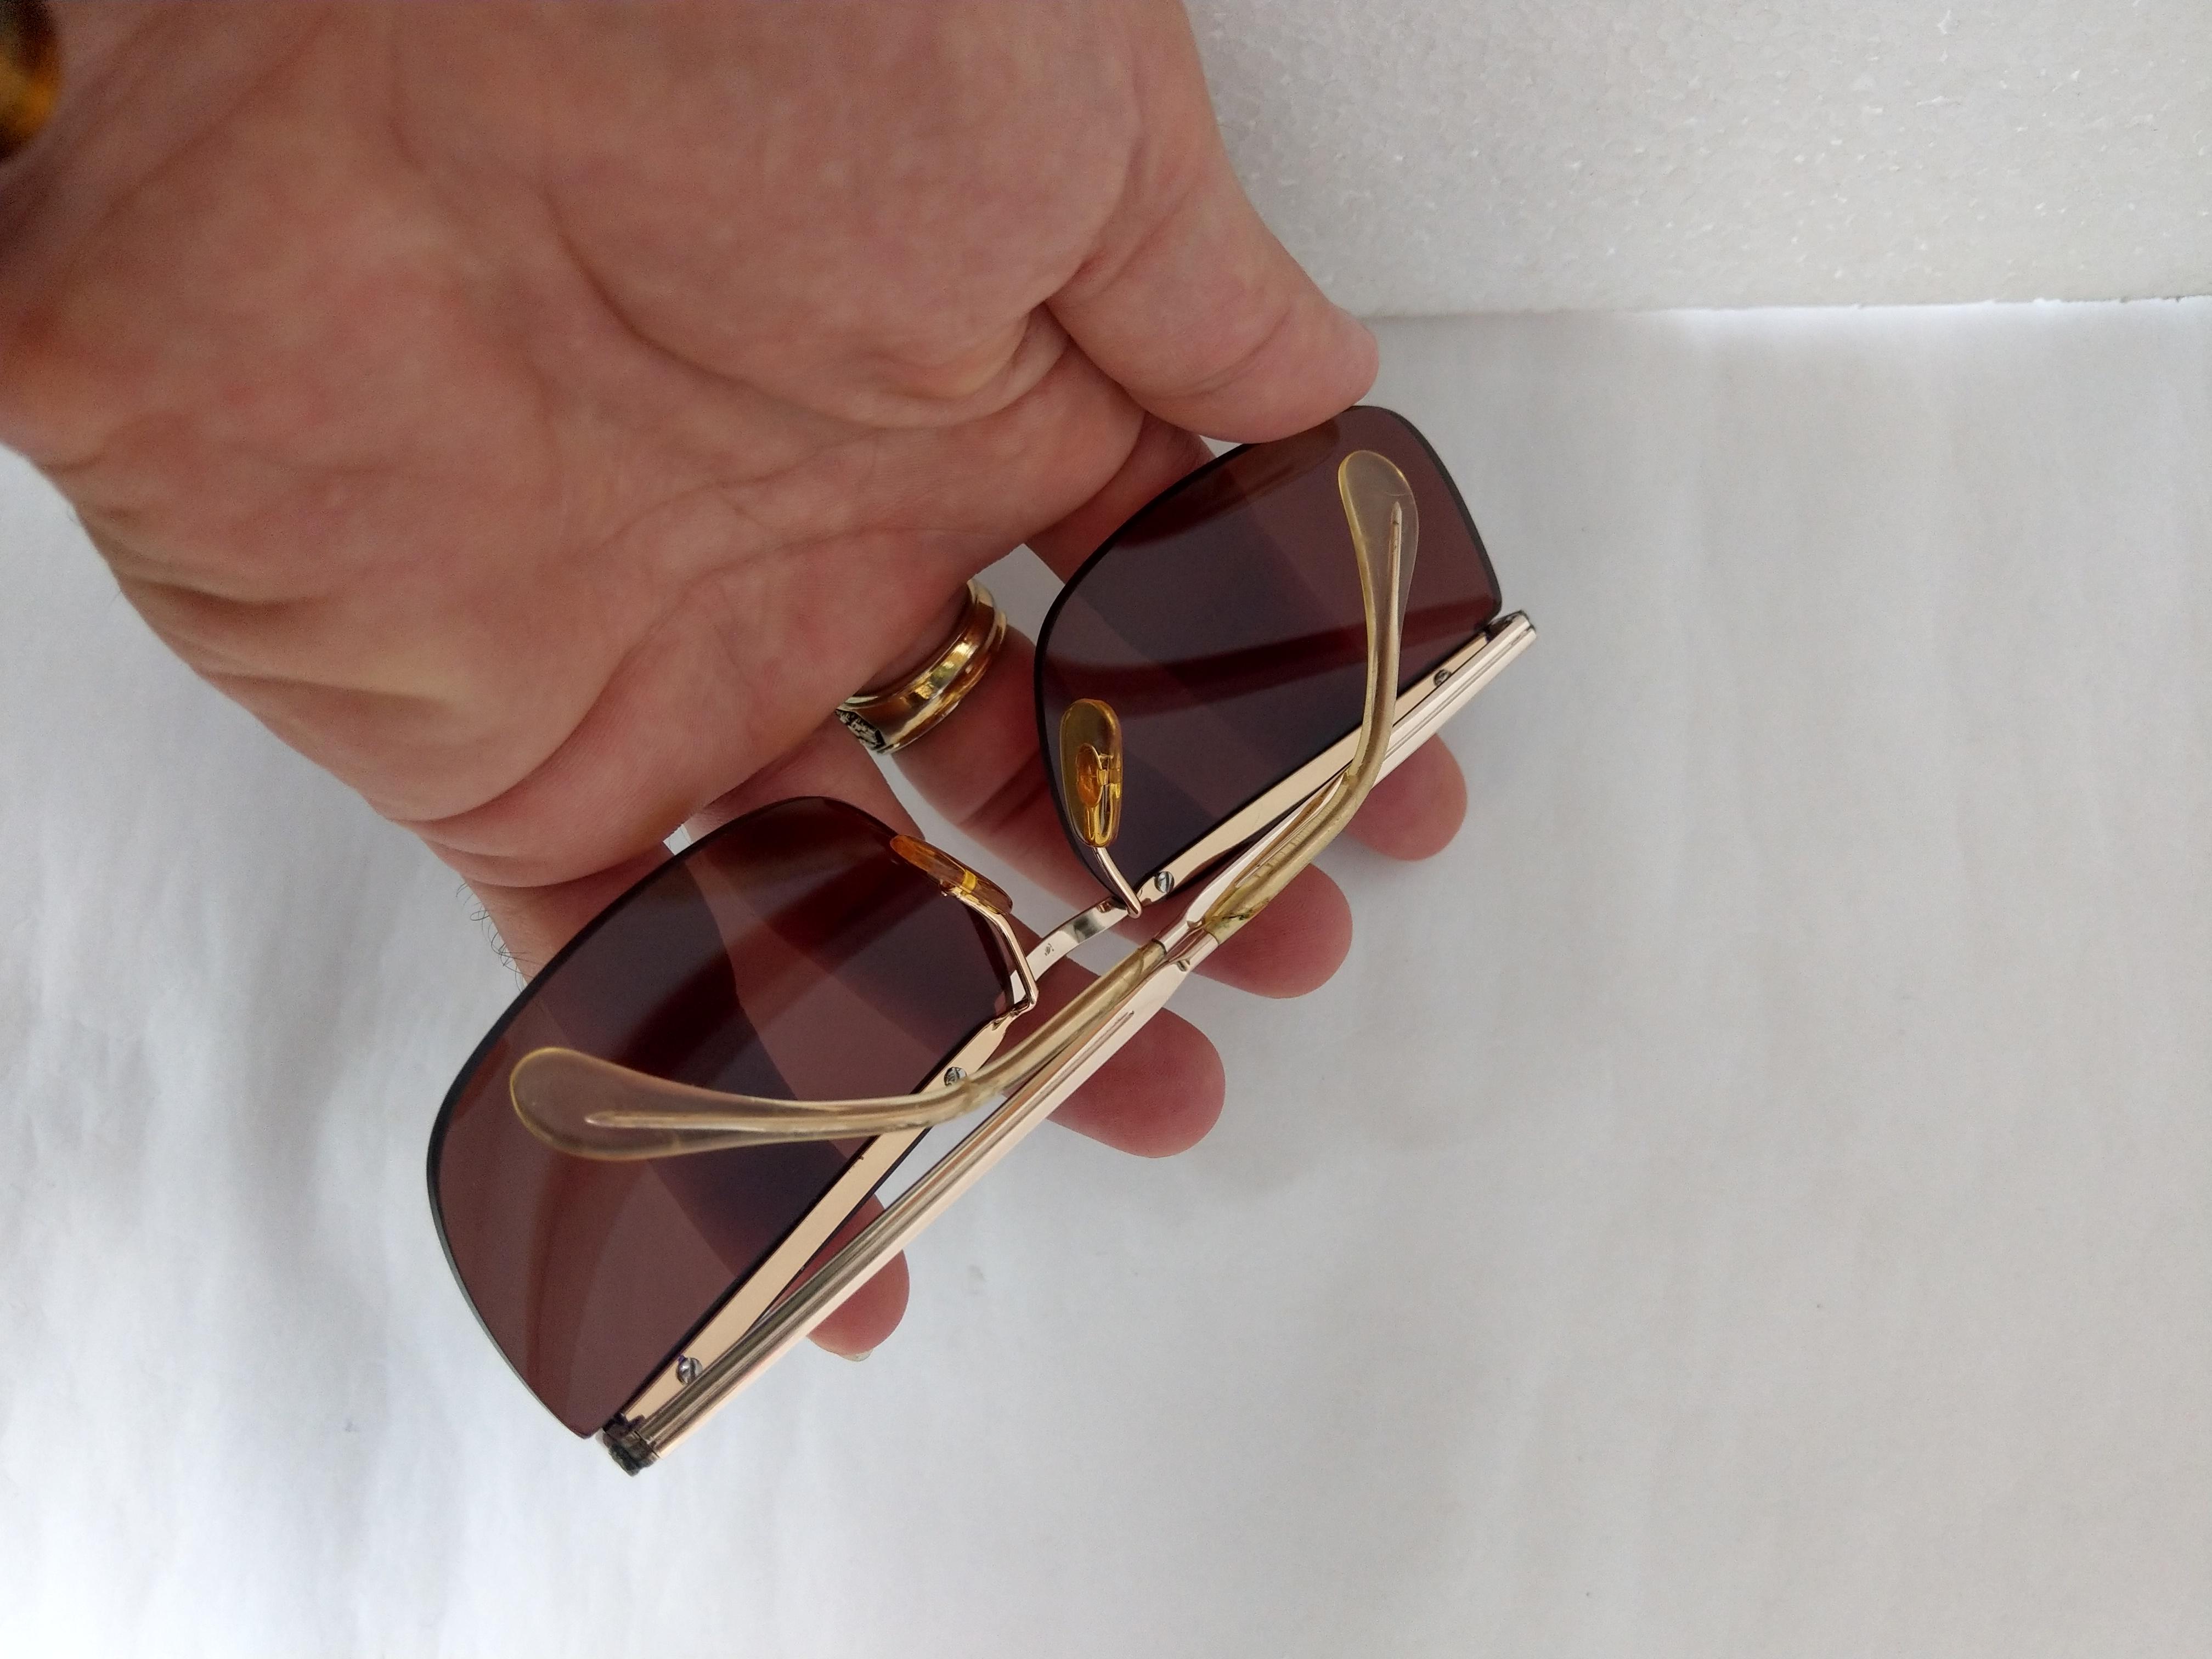 4 Kính Optura   Made in  Germany dáng đòn gánh bọc vàng.